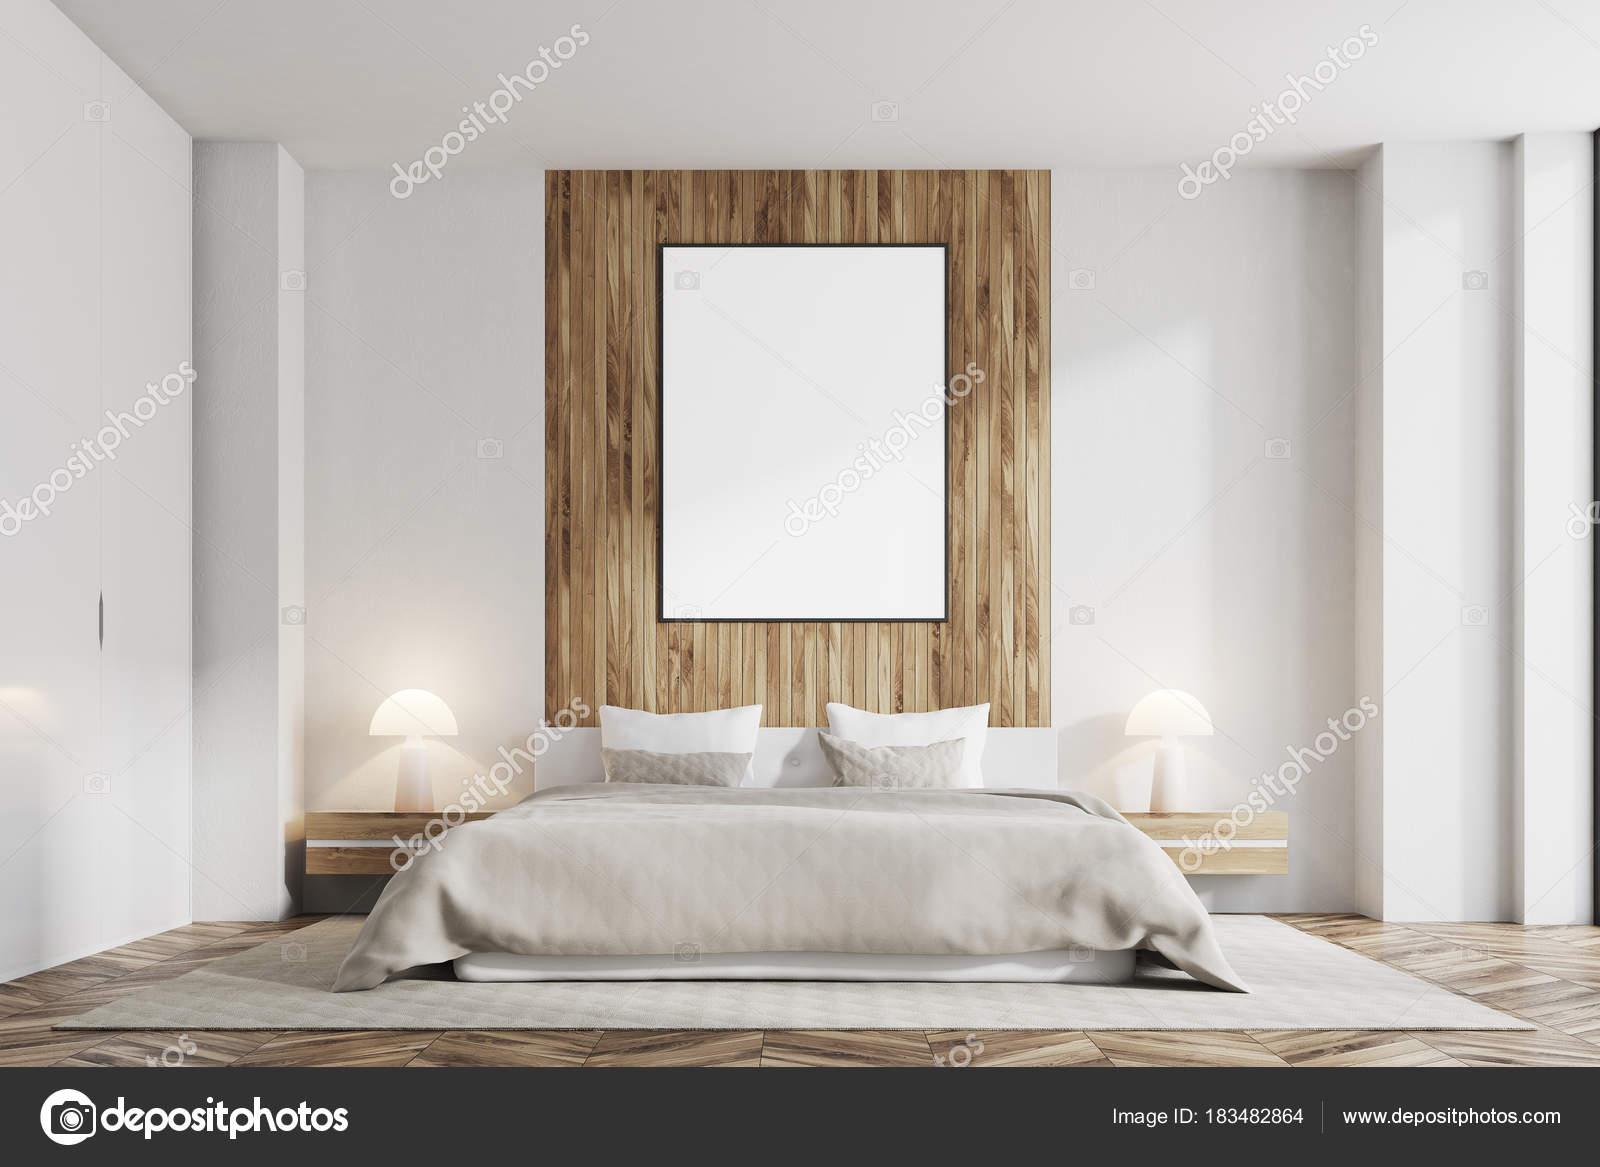 Camera da letto bianca e legno poster verticale anteriore foto stock denisismagilov 183482864 - Poster camera da letto ...